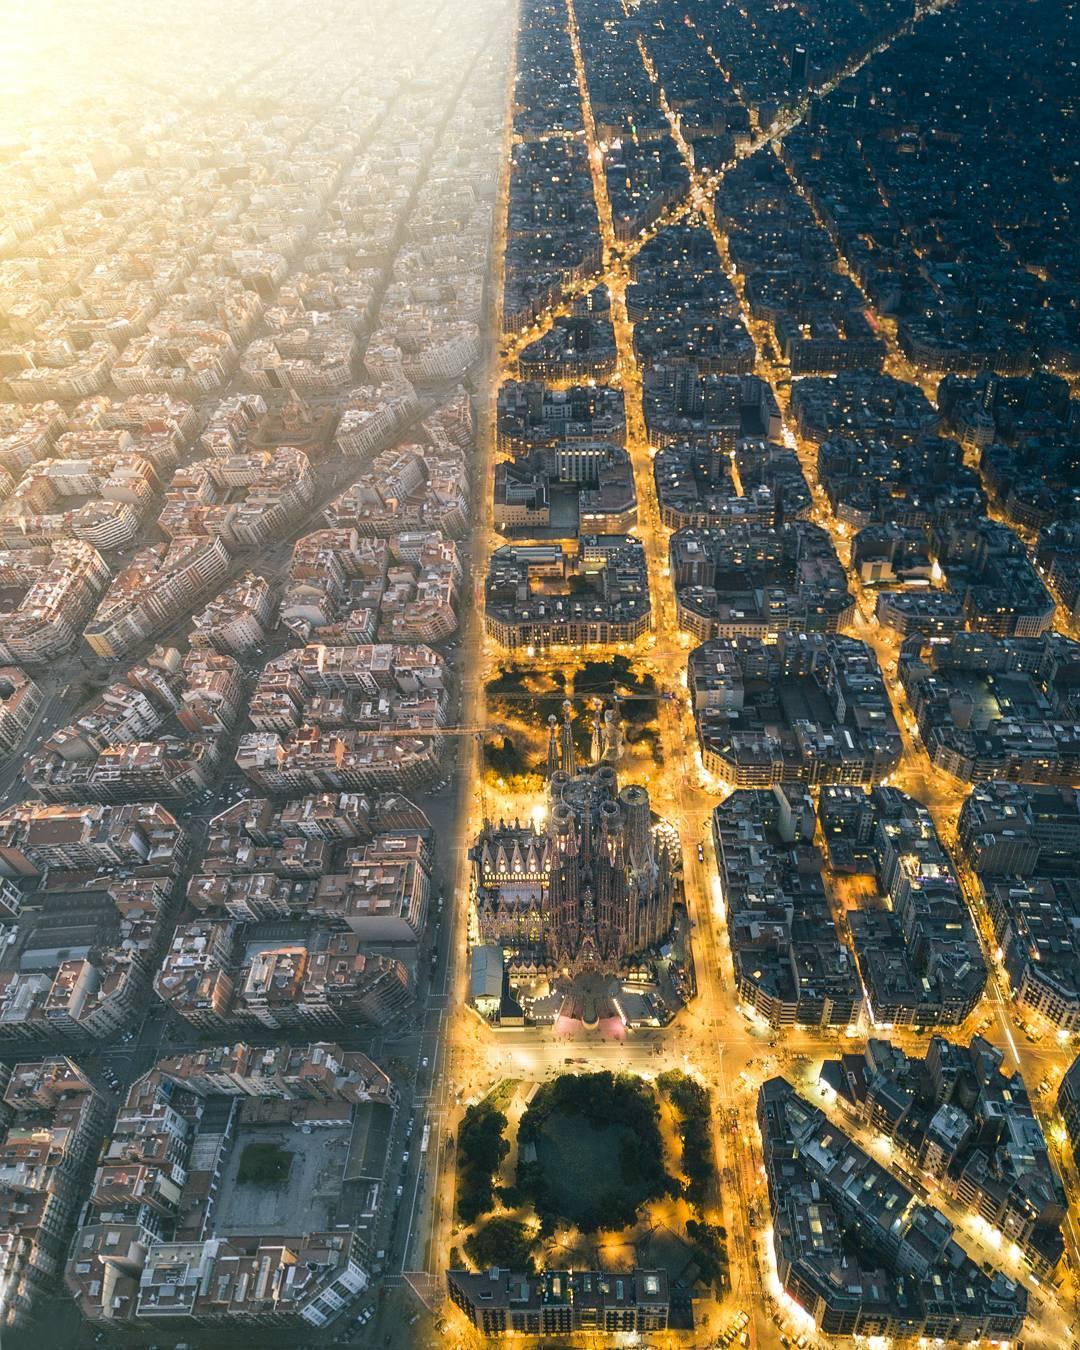 デスクトップ壁紙 建築 建物 都市景観 バルセロナ スペイン